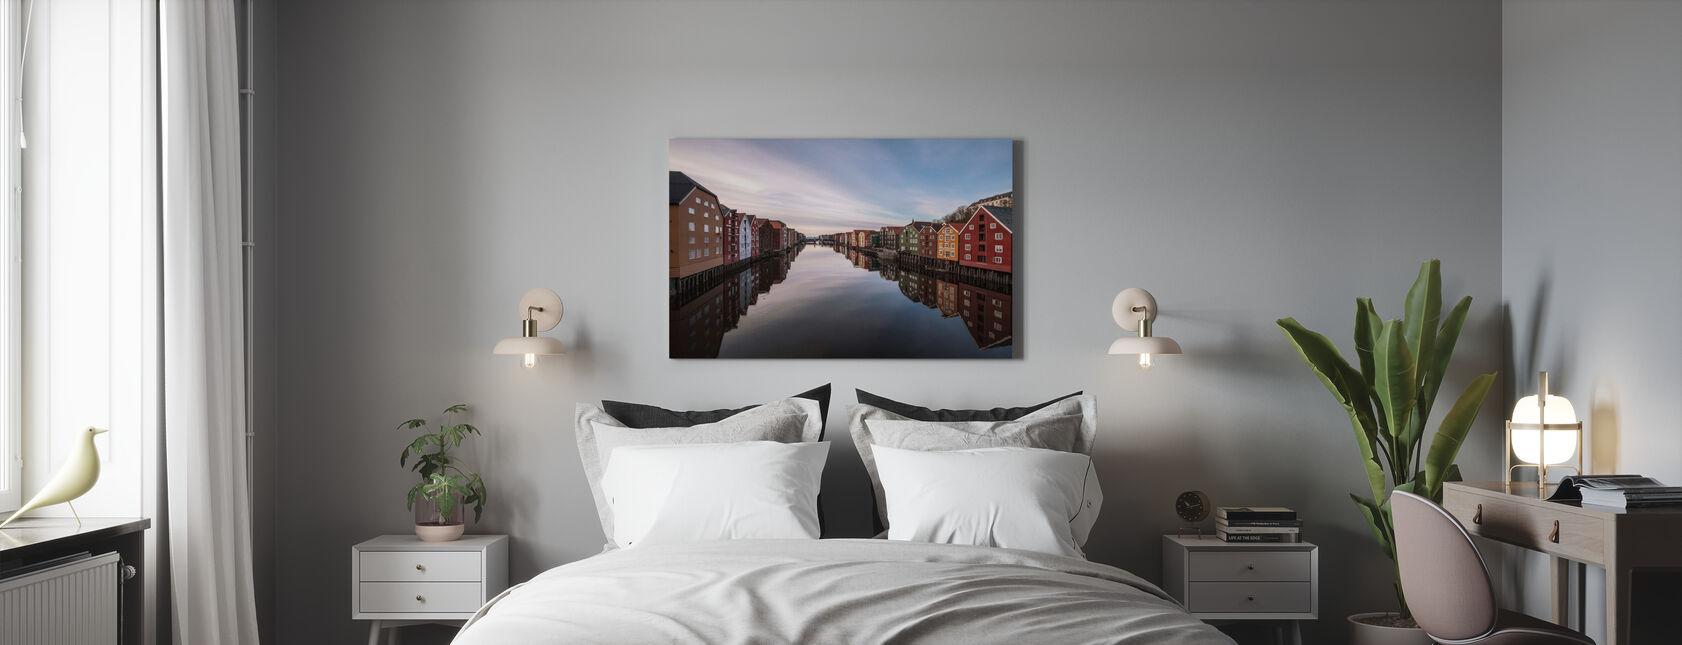 Trondheim, Norwegen - Leinwandbild - Schlafzimmer